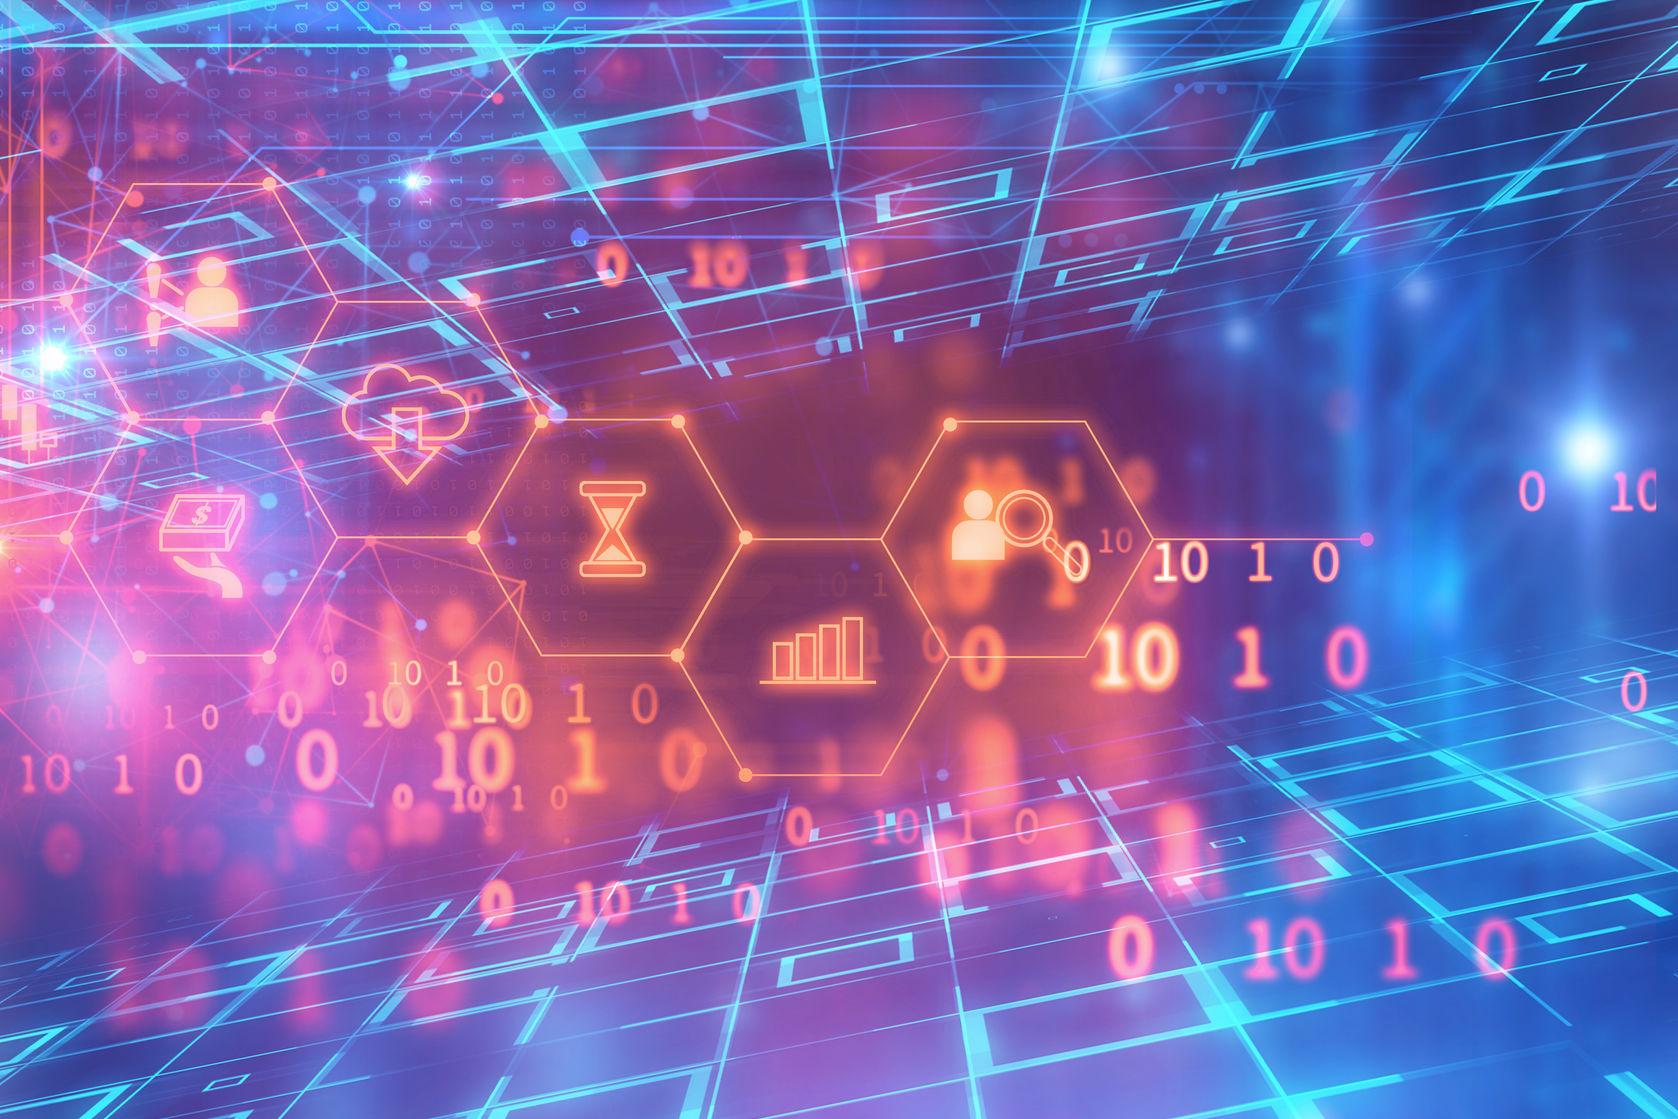 区块链获国家支持 机构:部分应用领域突破仍存挑战